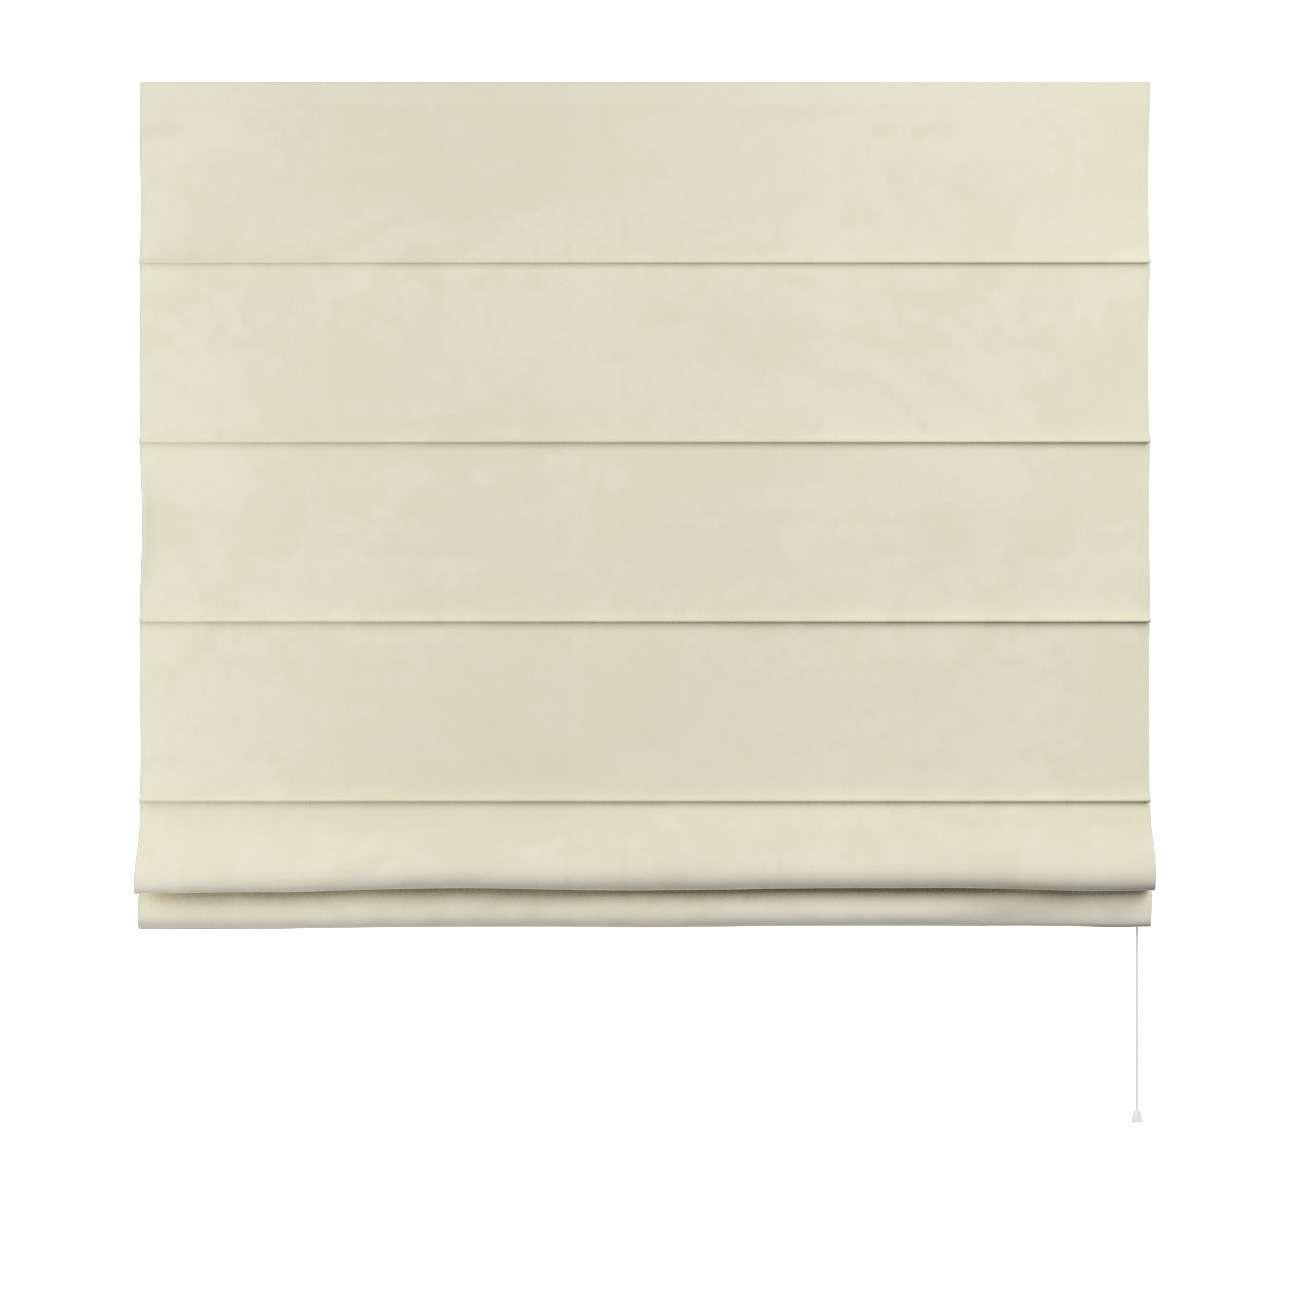 Vouwgordijn Capri van de collectie Velvet, Stof: 704-10